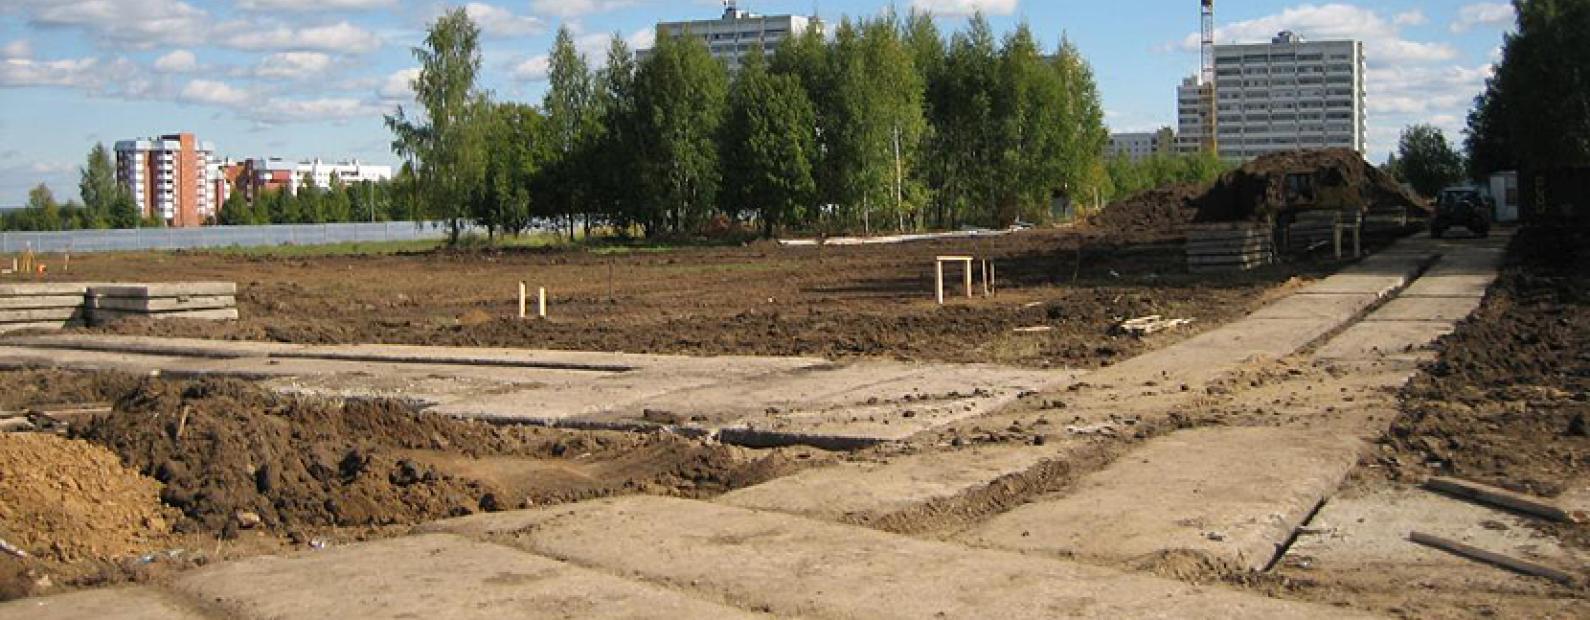 Подготовка площадки под строительство